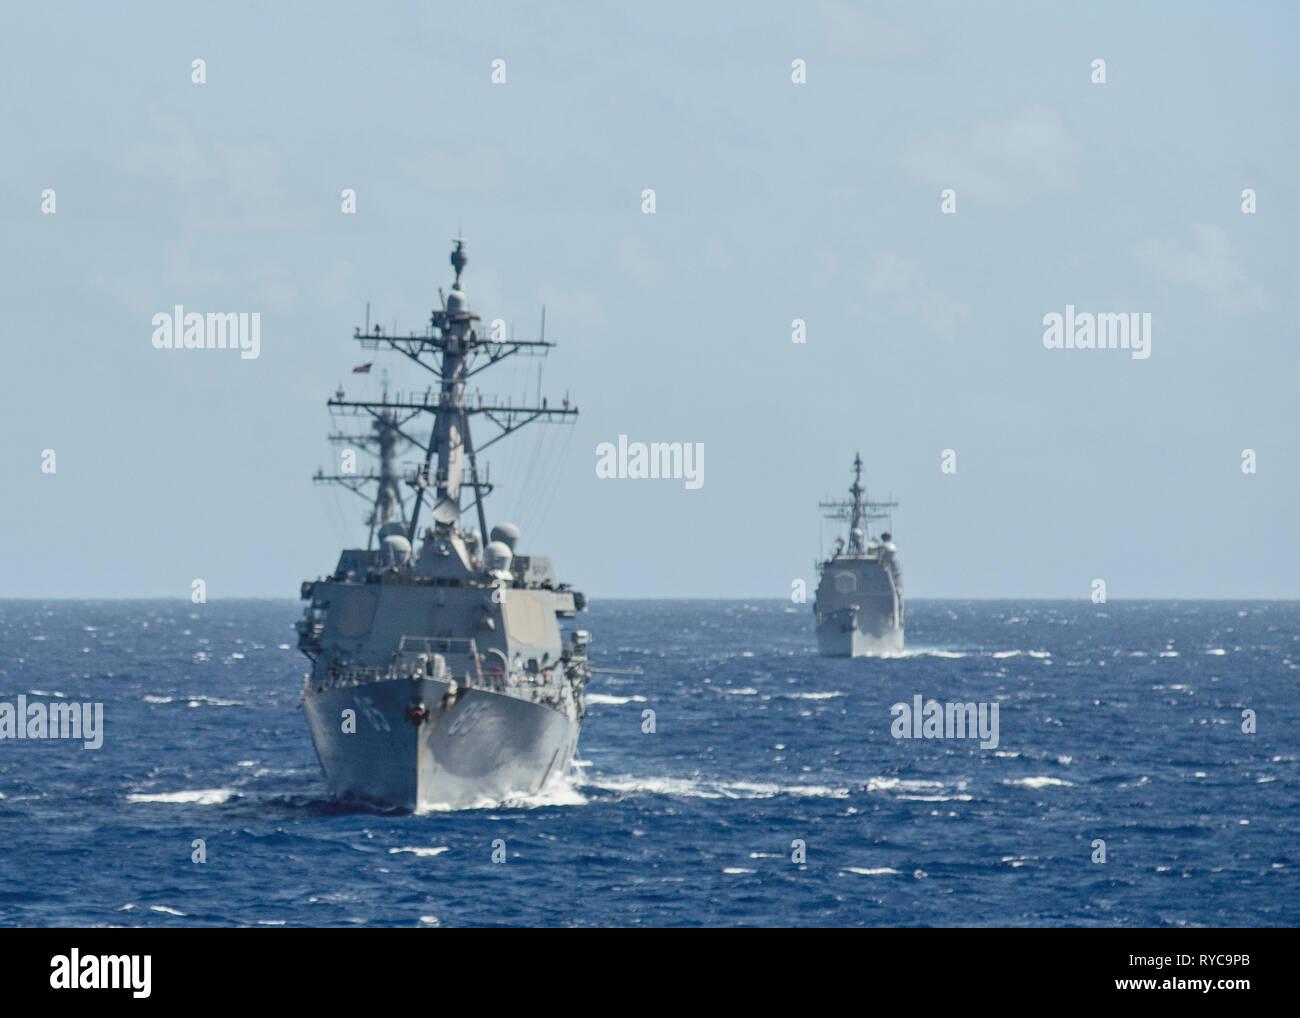 La U.S Navy clase Arleigh Burke de destructores de misiles guiados USS McCampbell lidera el USS Milius durante las operaciones de Marzo 9, 2019 en el Mar de Filipinas. Foto de stock